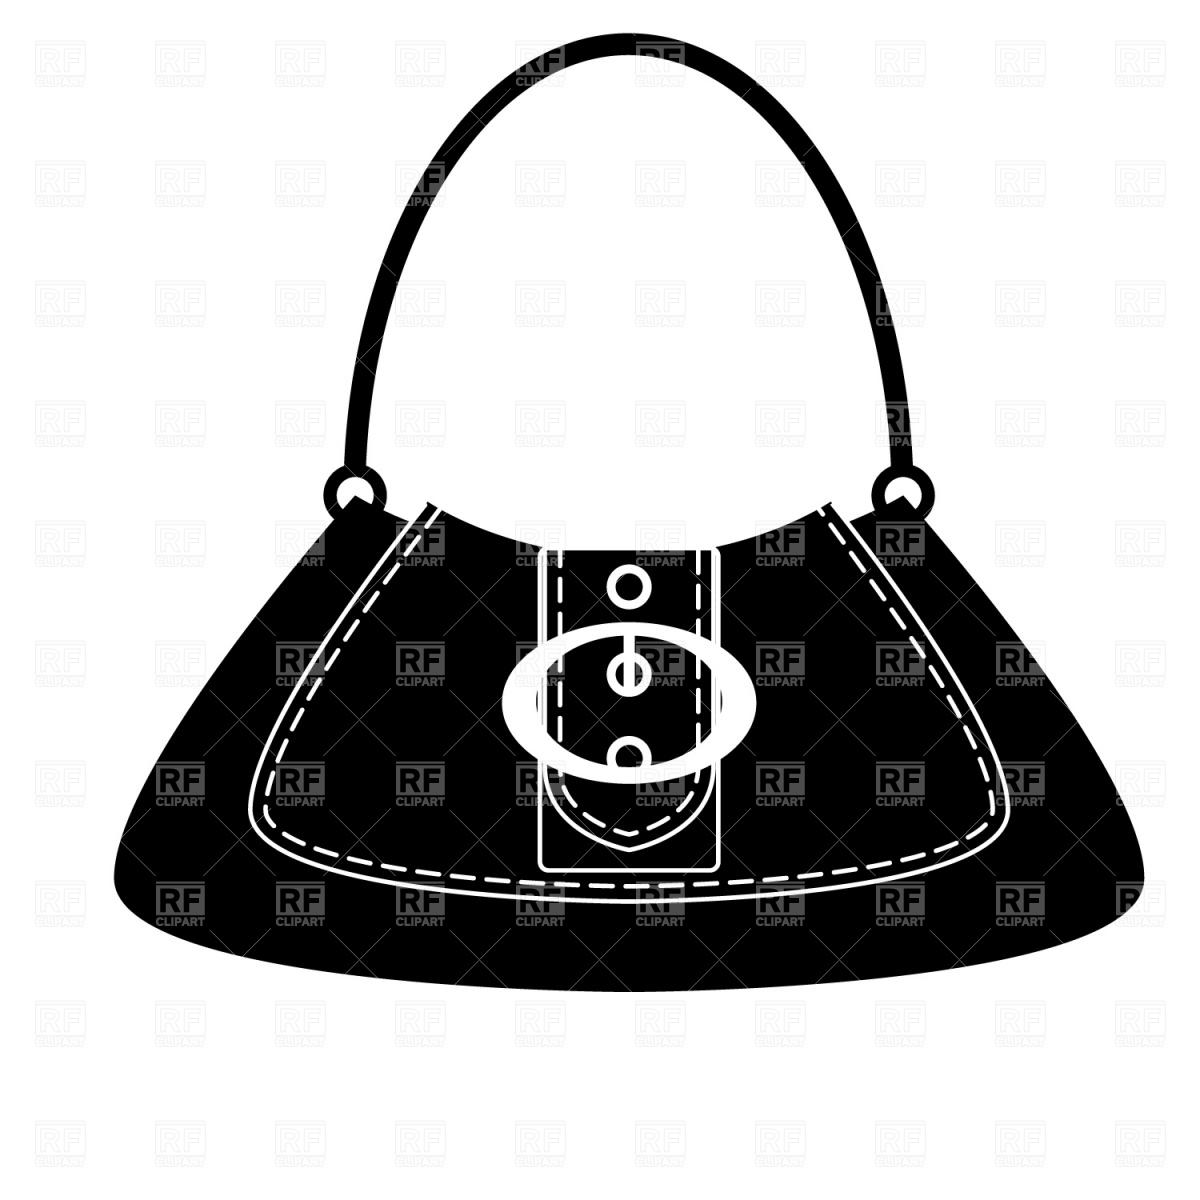 Clip Art Purse Handbag Quotes